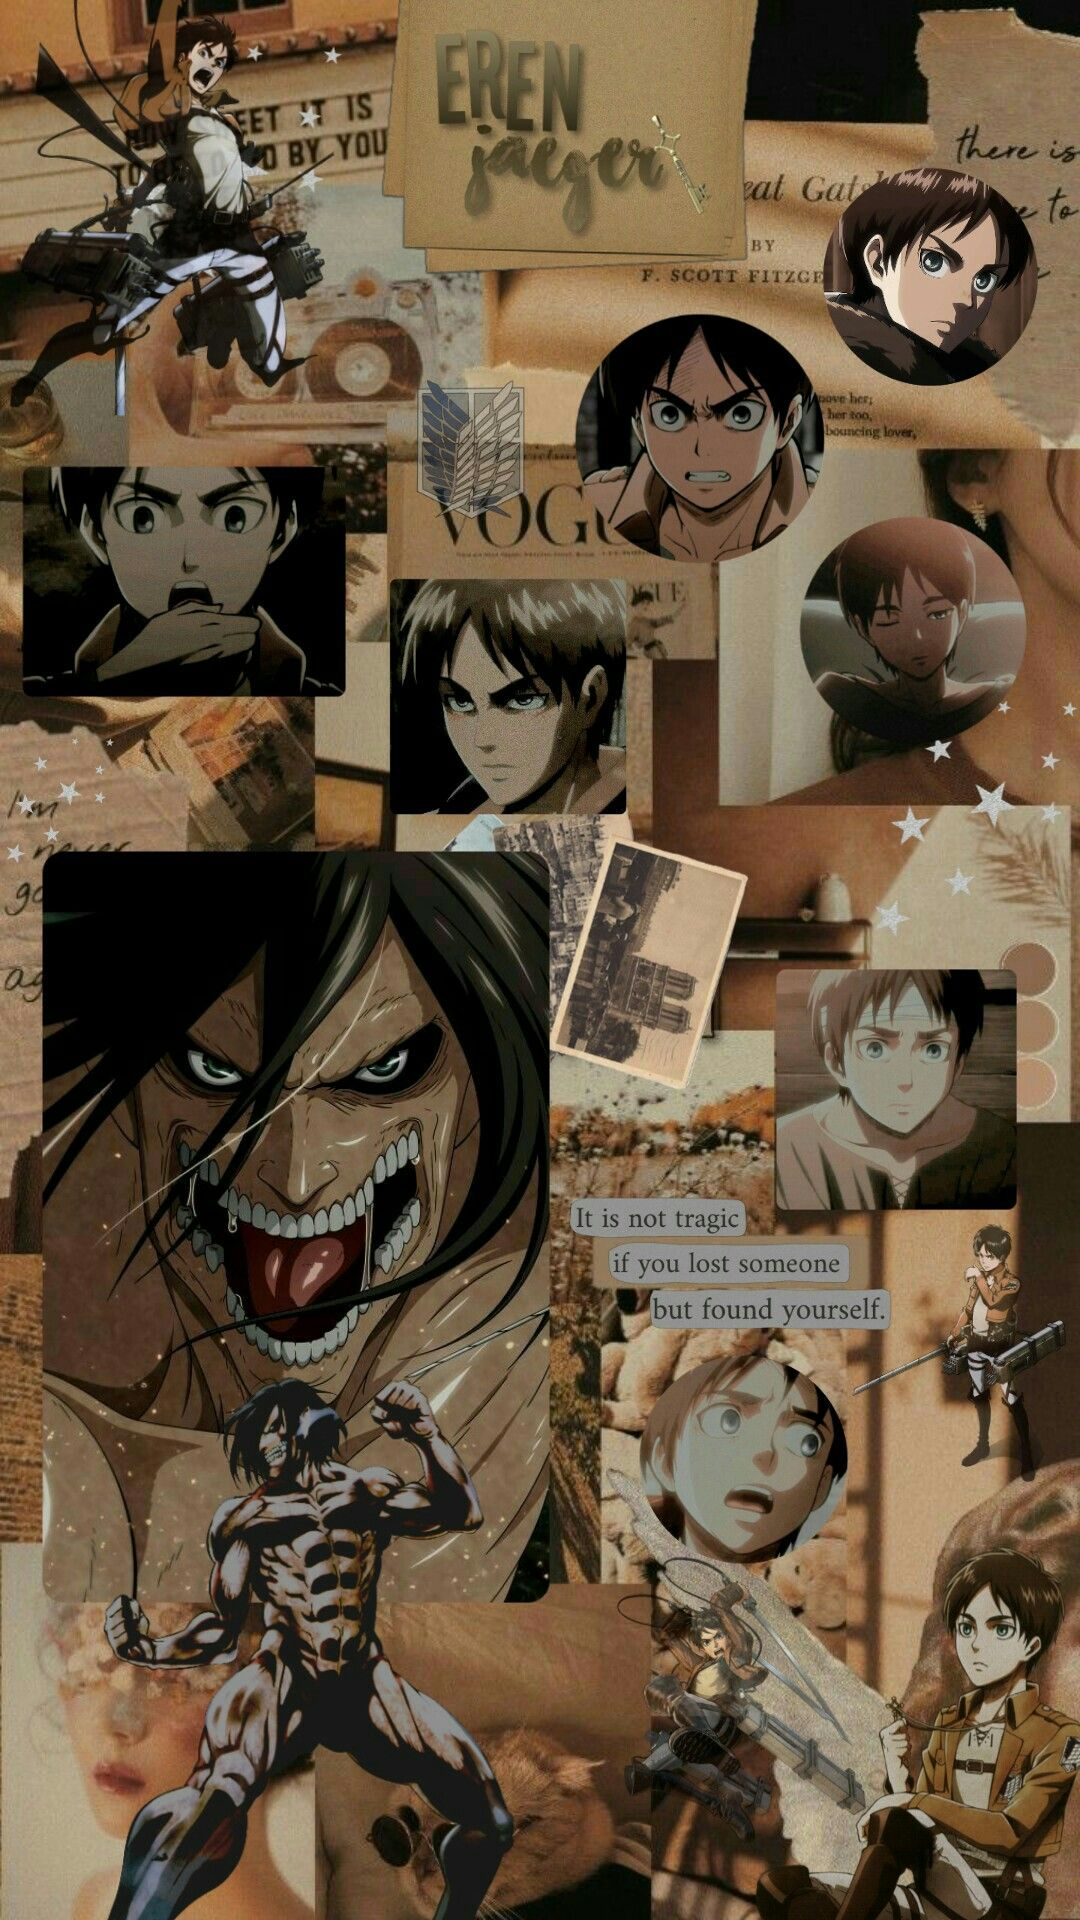 Eren Jaeger Wallpaper : jaeger, wallpaper, Aesthetic, Yandere, Anime,, Anime, Wallpaper,, Wallpaper